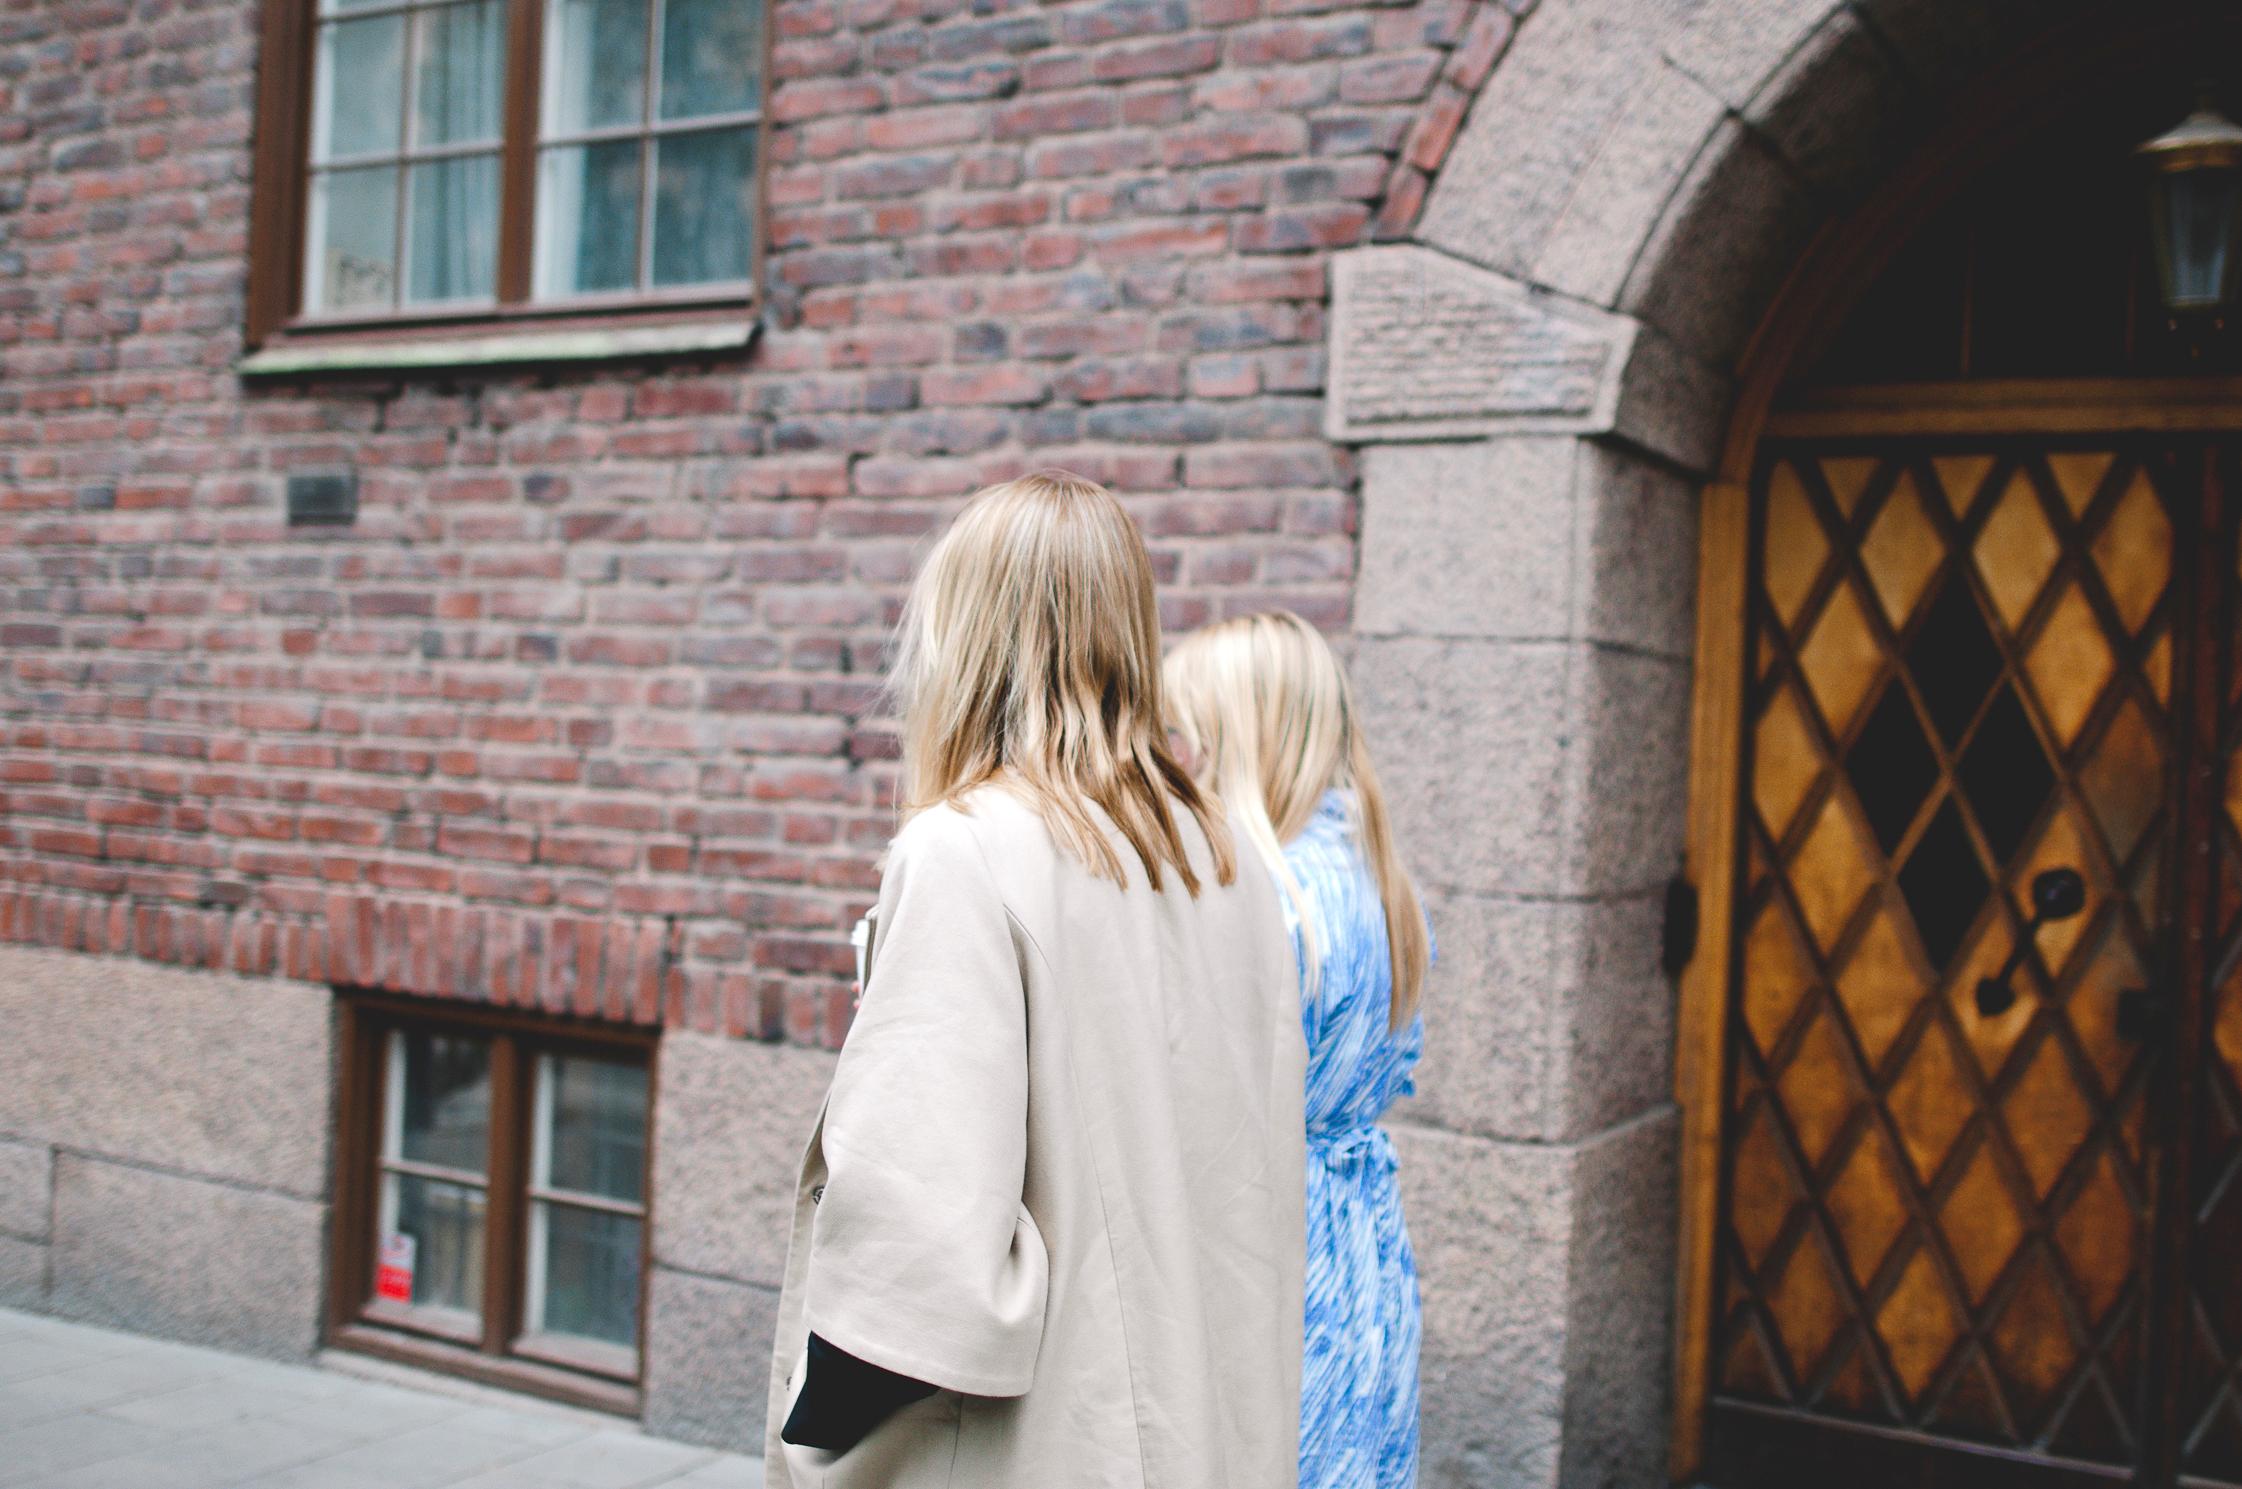 Freunde-von-Freunden-Sara-Hilden-Stories _209.jpg